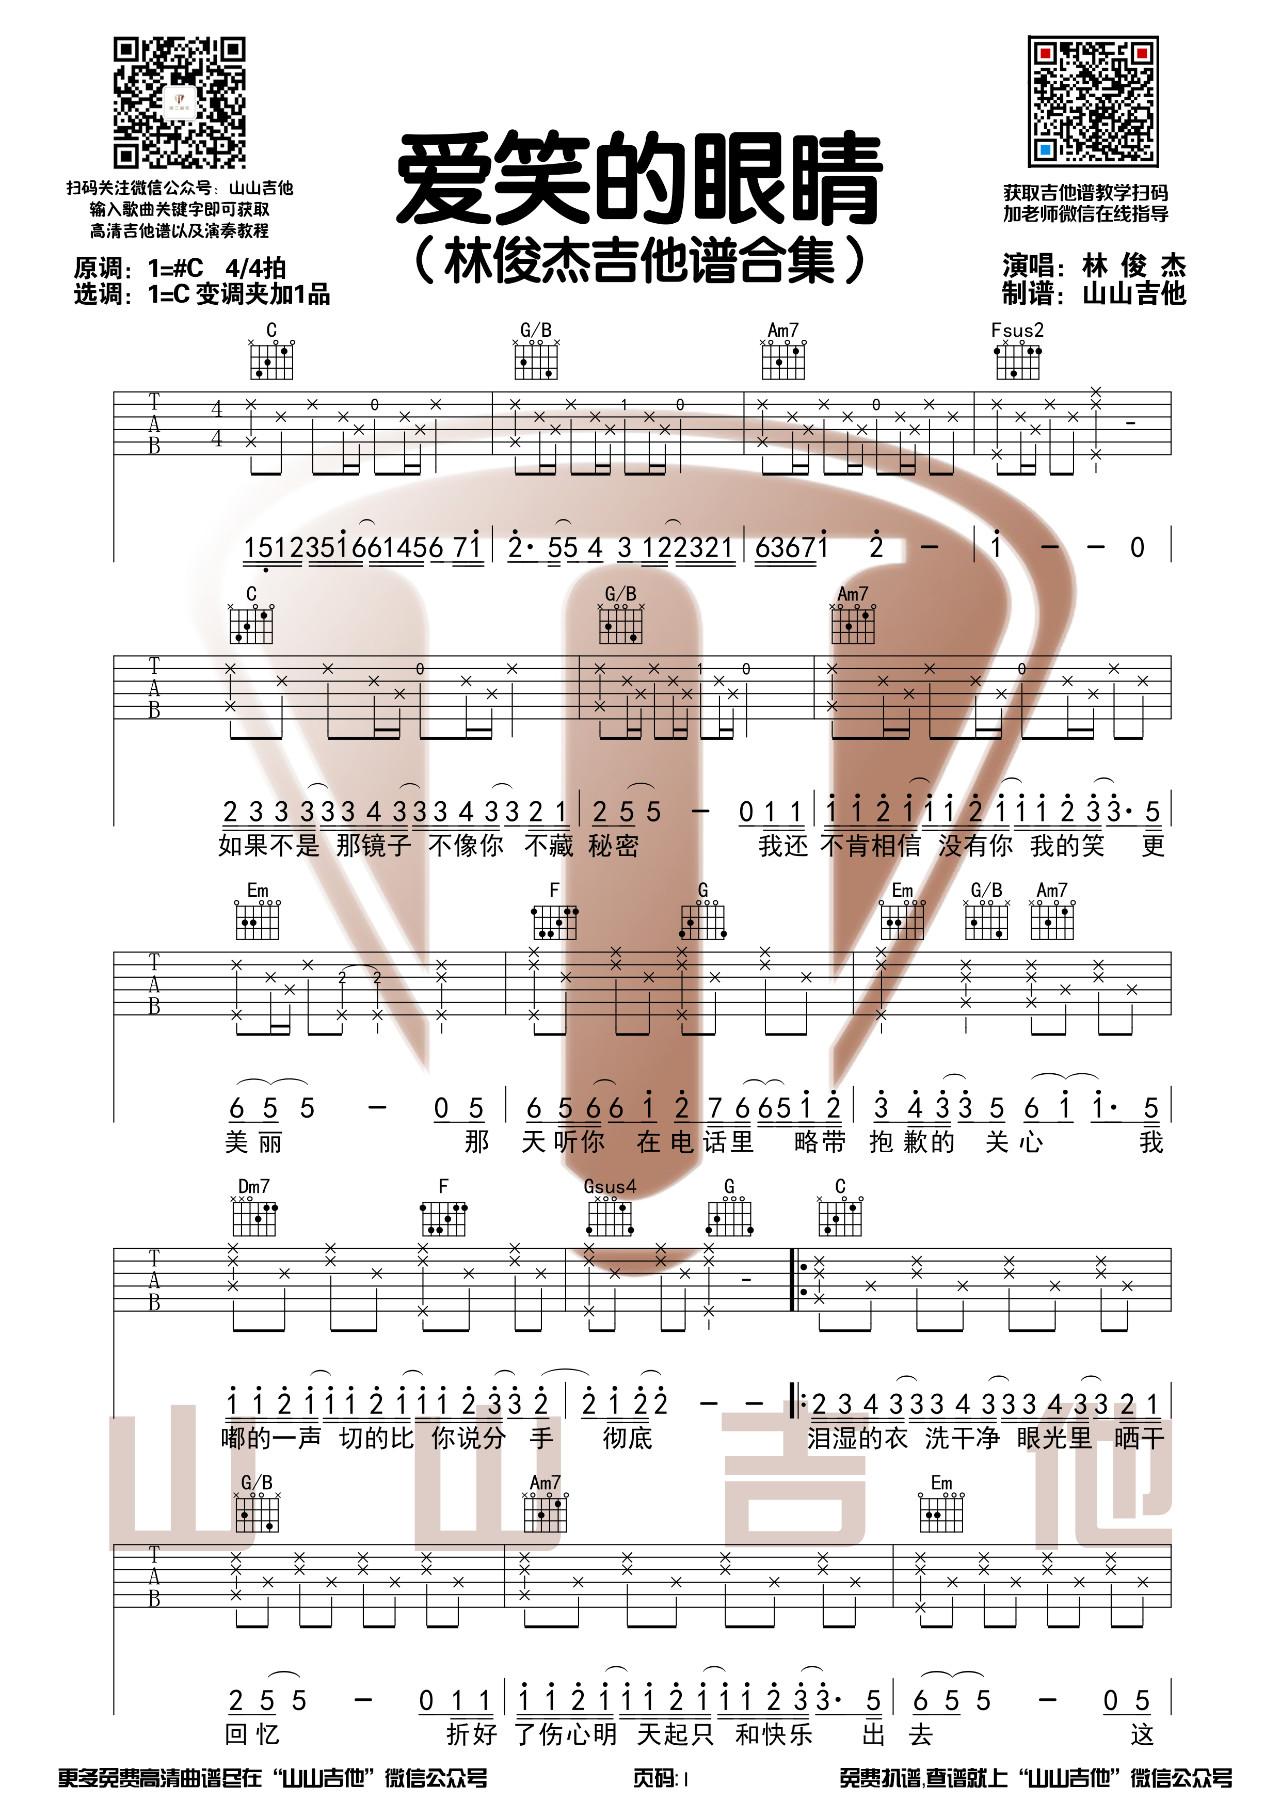 吉他派-山山吉他-《爱笑的眼睛》吉他谱-1